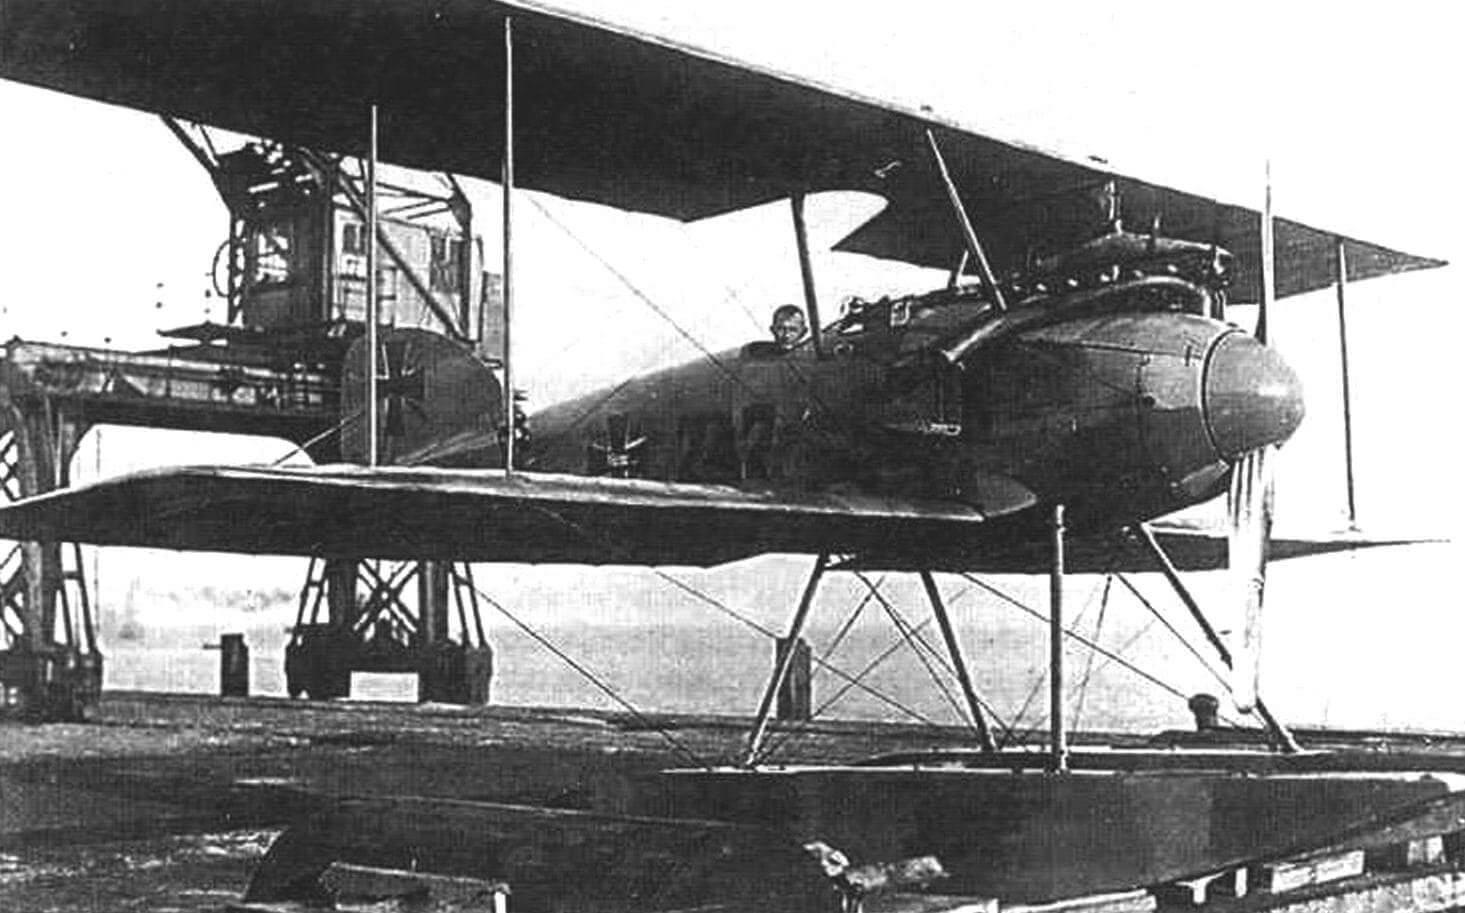 Оберлейтенант-цур-зее Фридрих Кристиансен в кабине № 747, Зеебрюгге, октябрь 1916 г.